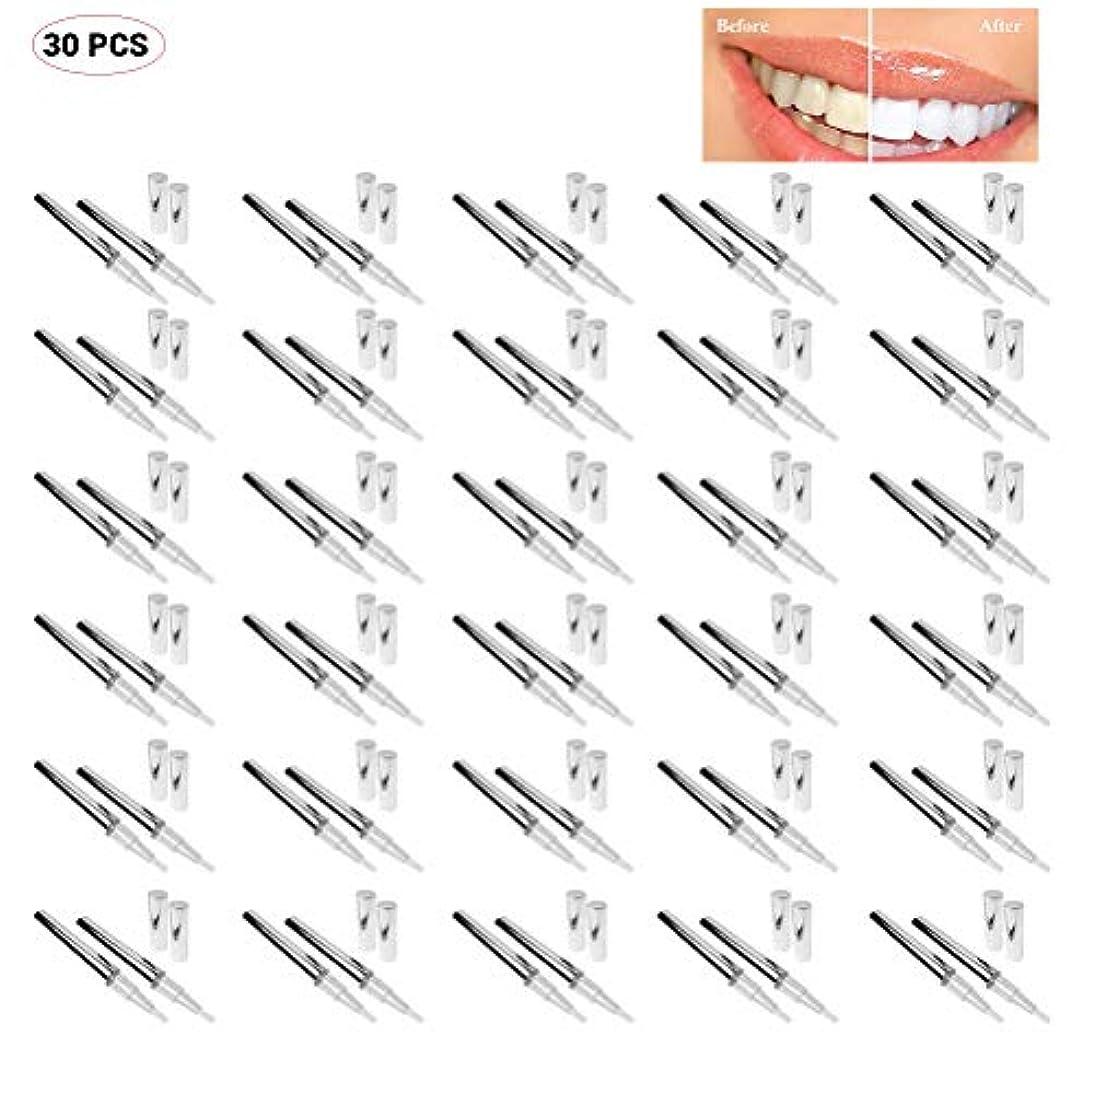 部屋を掃除する一瞬から聞くOurine 歯の消しゴム ホワイトニング 美白歯ゲル 美人歯 白い歯 歯を白くする 輝く笑顔 口臭防止 歯周病防止 エッセンス 30個セット